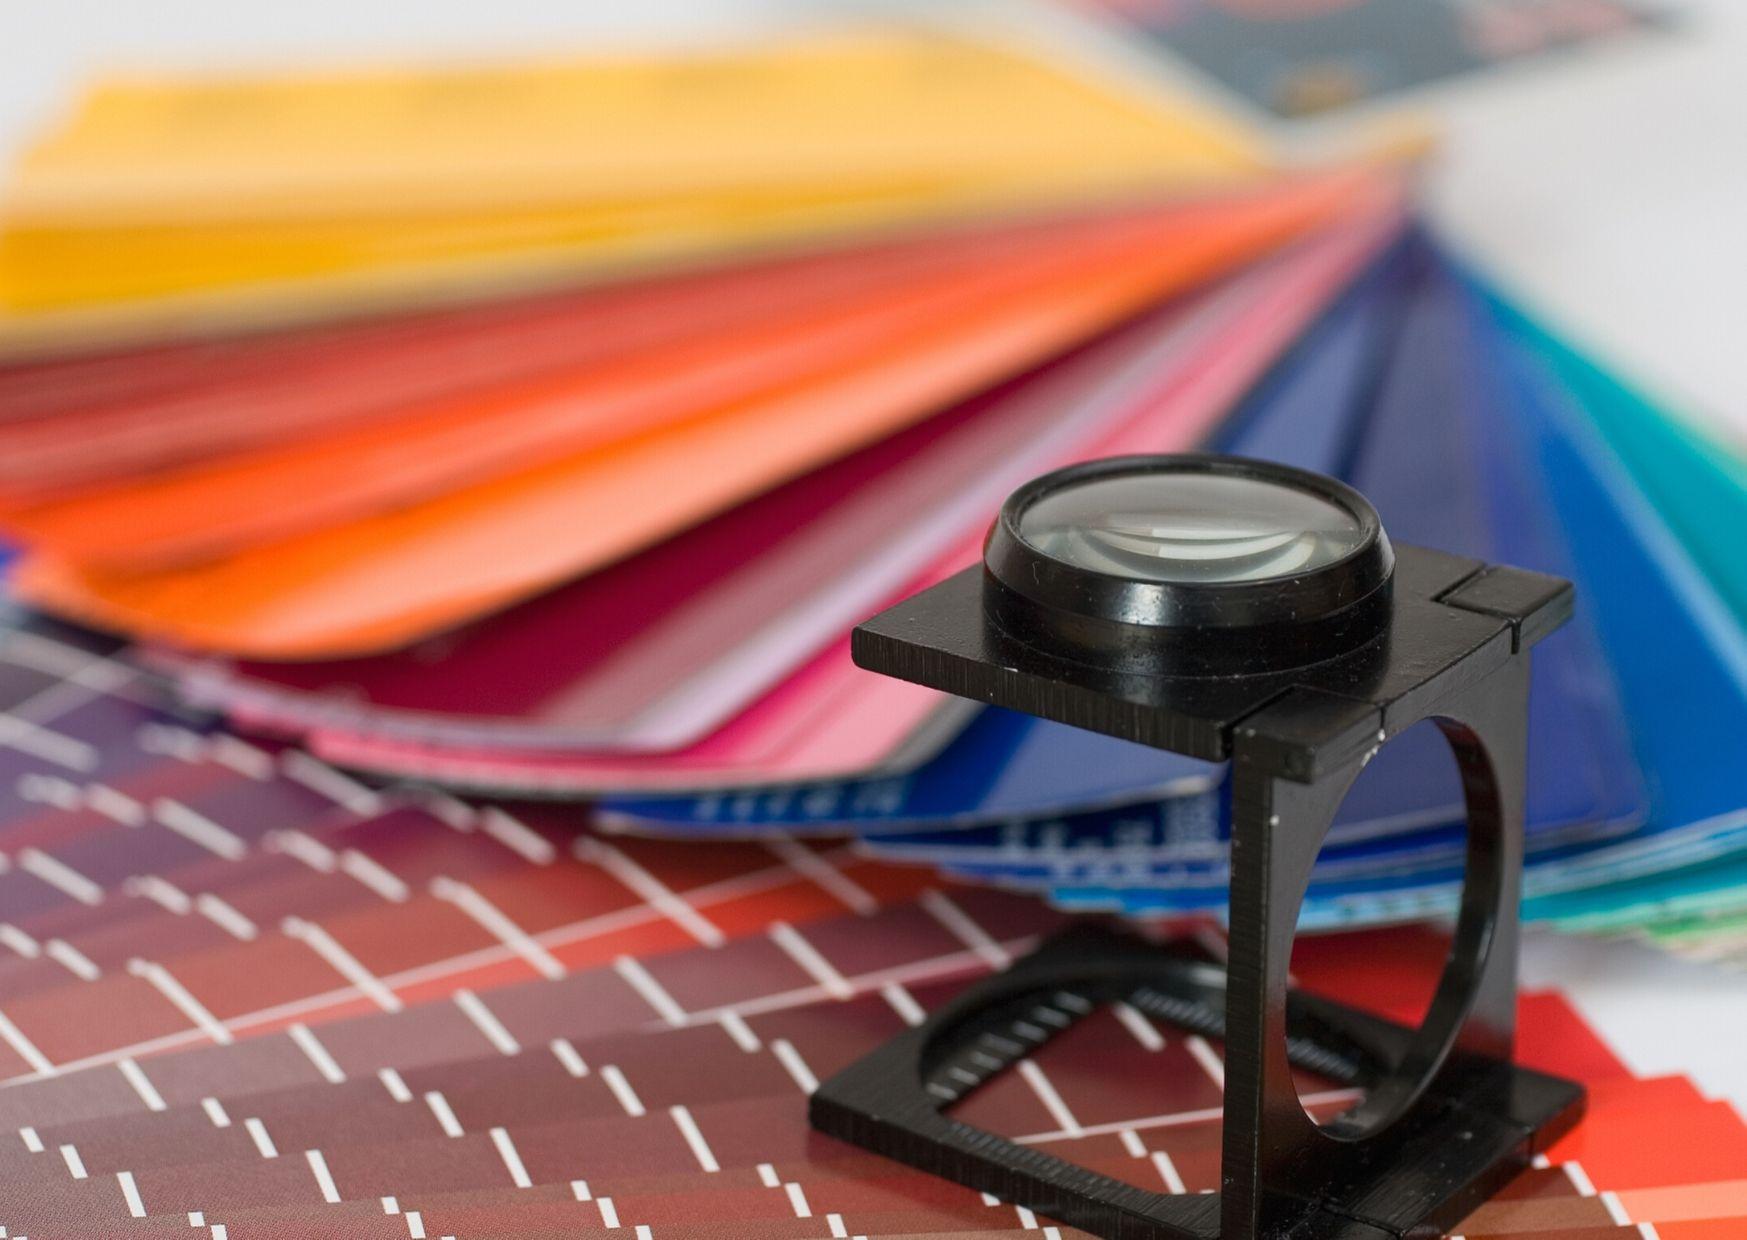 materiales usados para el desarrollo de tejidos